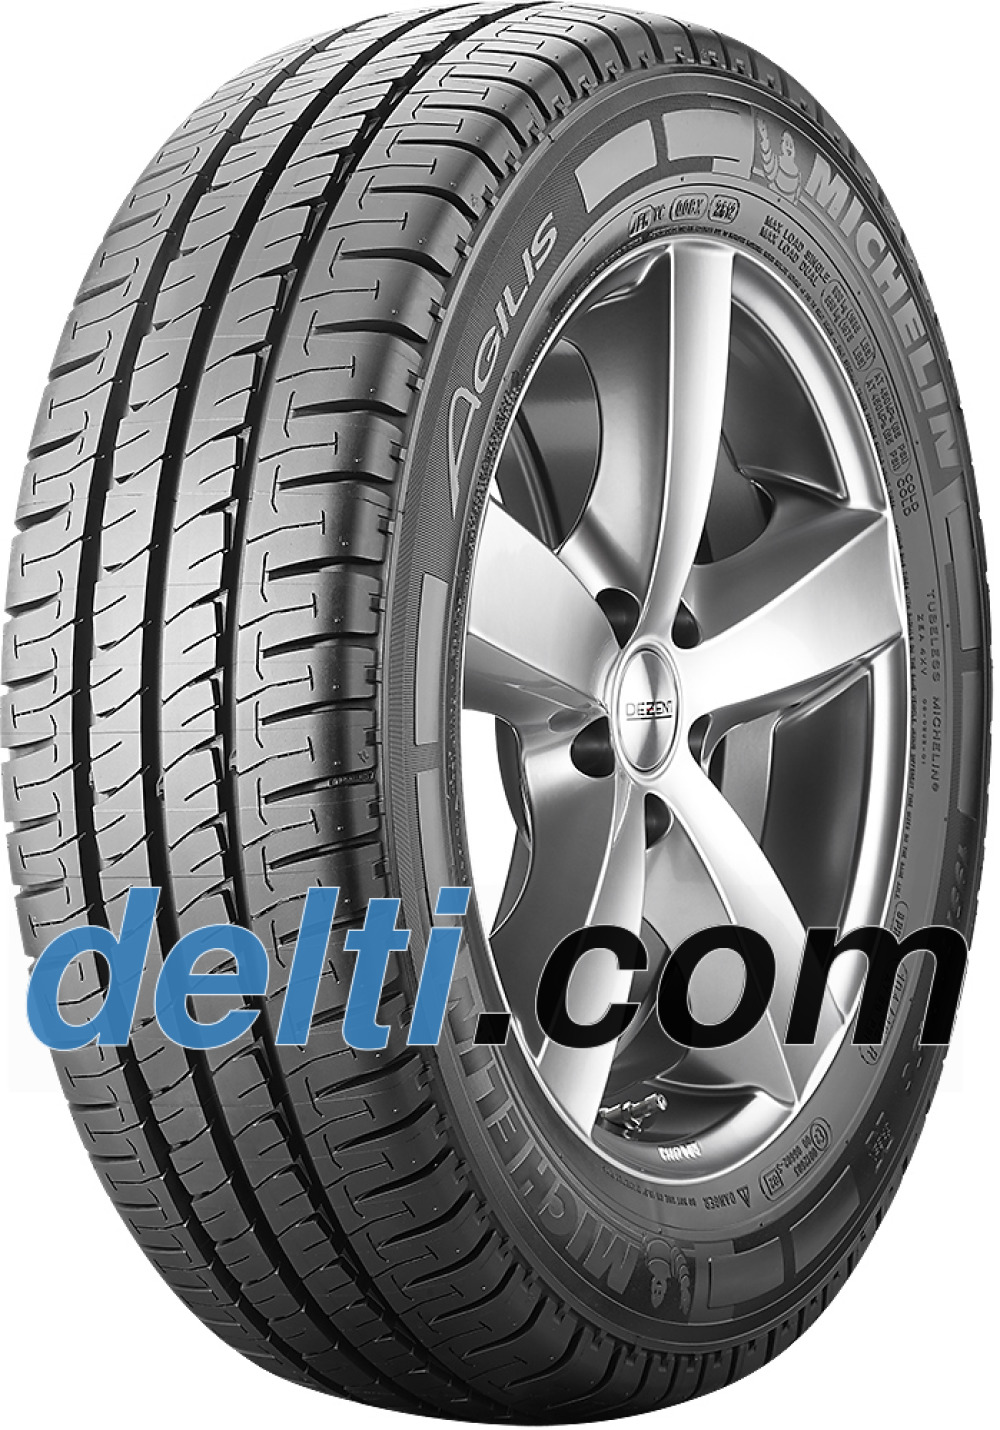 Michelin Agilis+ ( 235/65 R16C 115/113R )